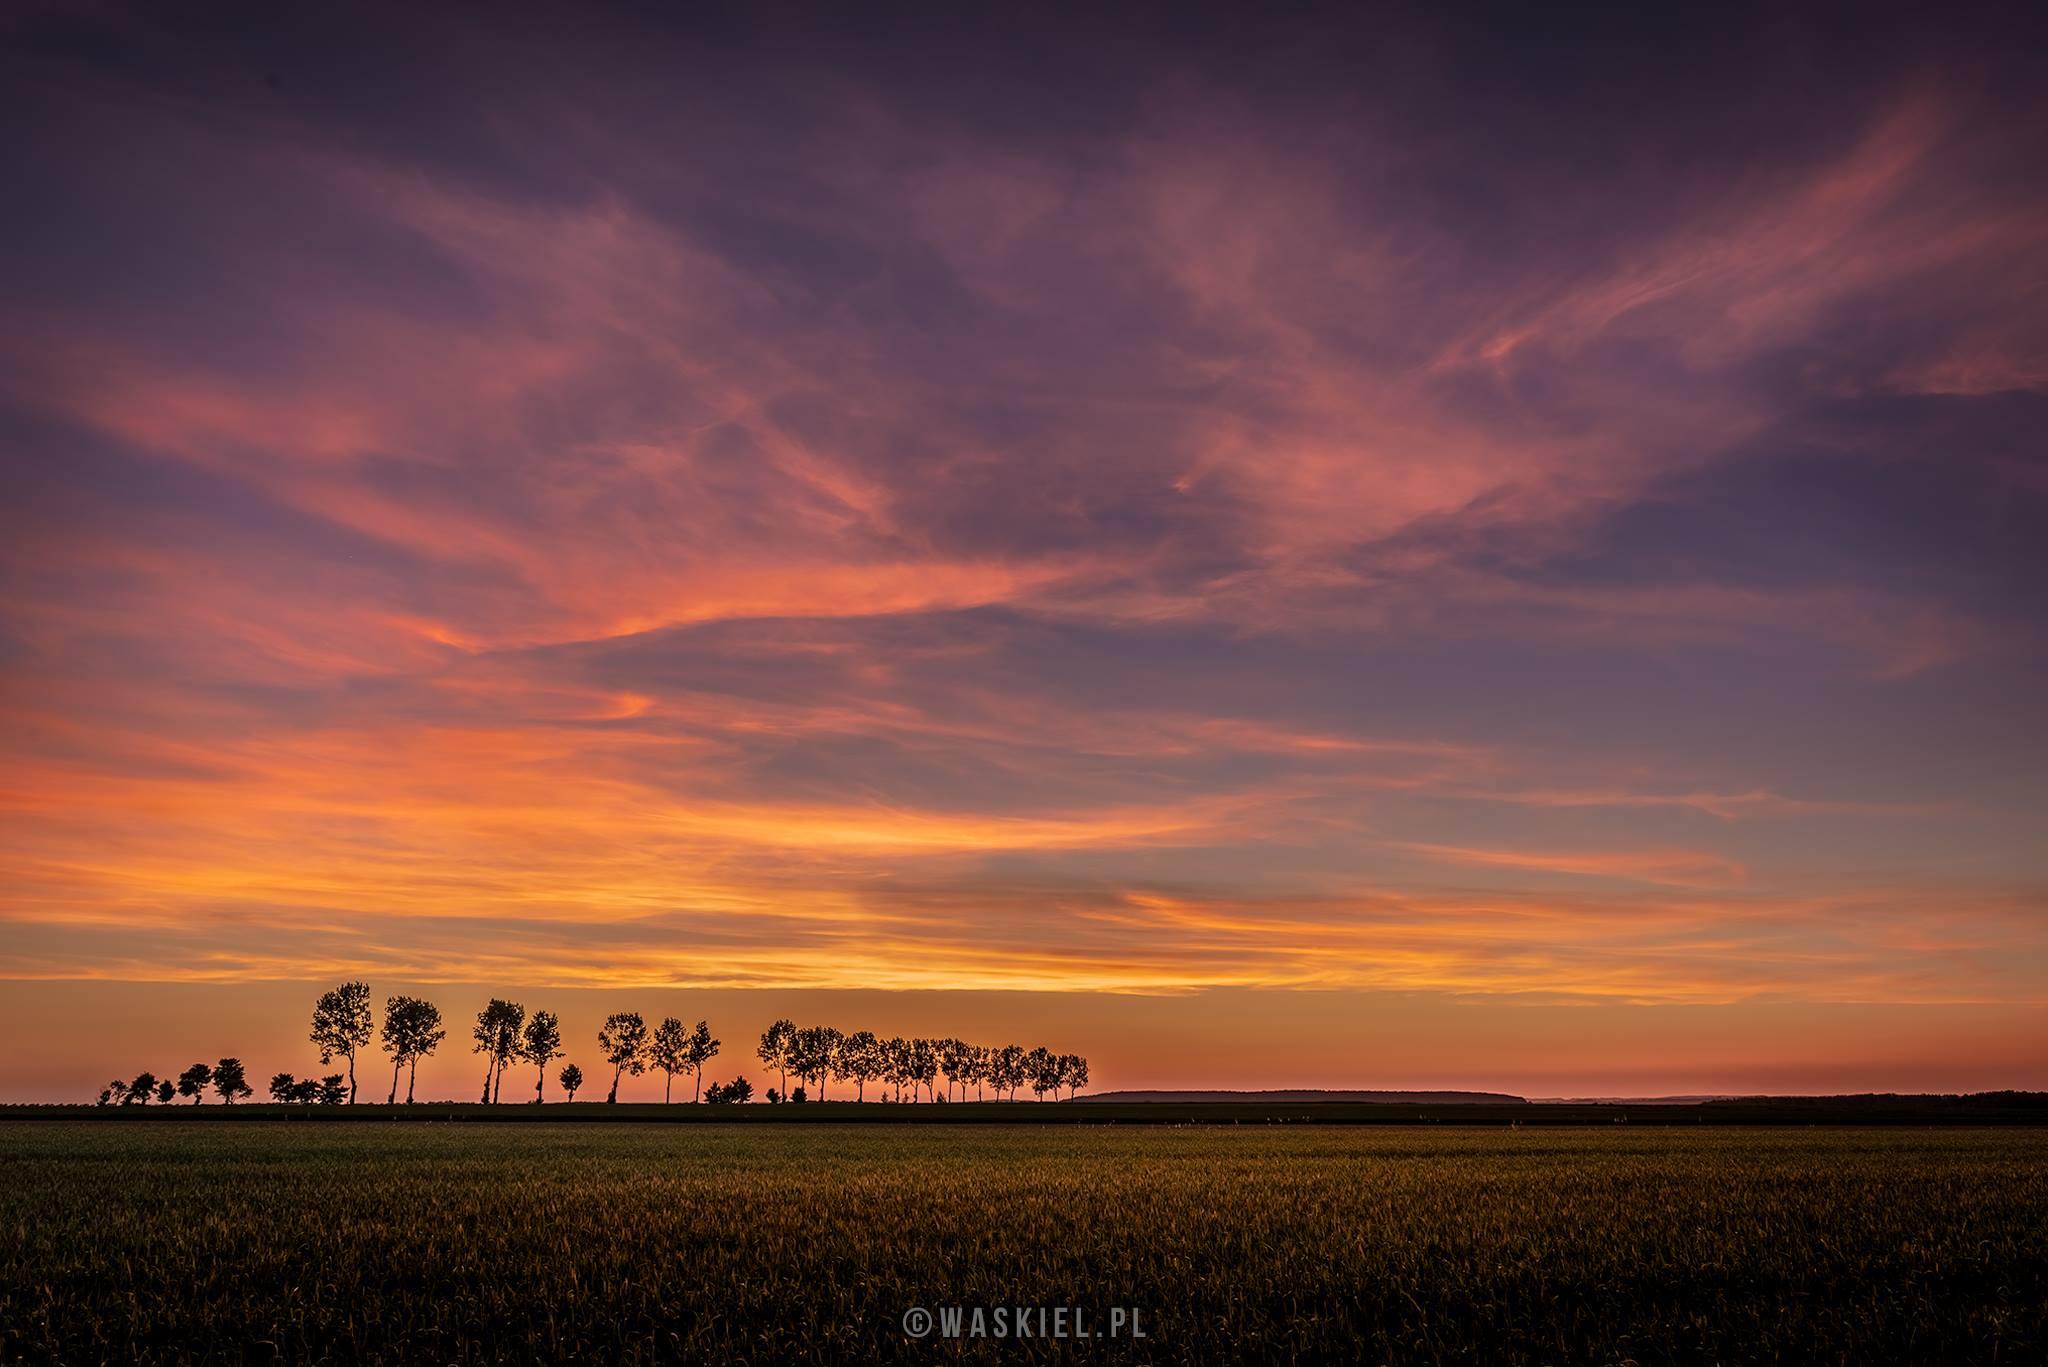 """Zdjęcie pokazujące kolor w fotografii w trakcie trwania tzw. """"złotej godziny""""."""